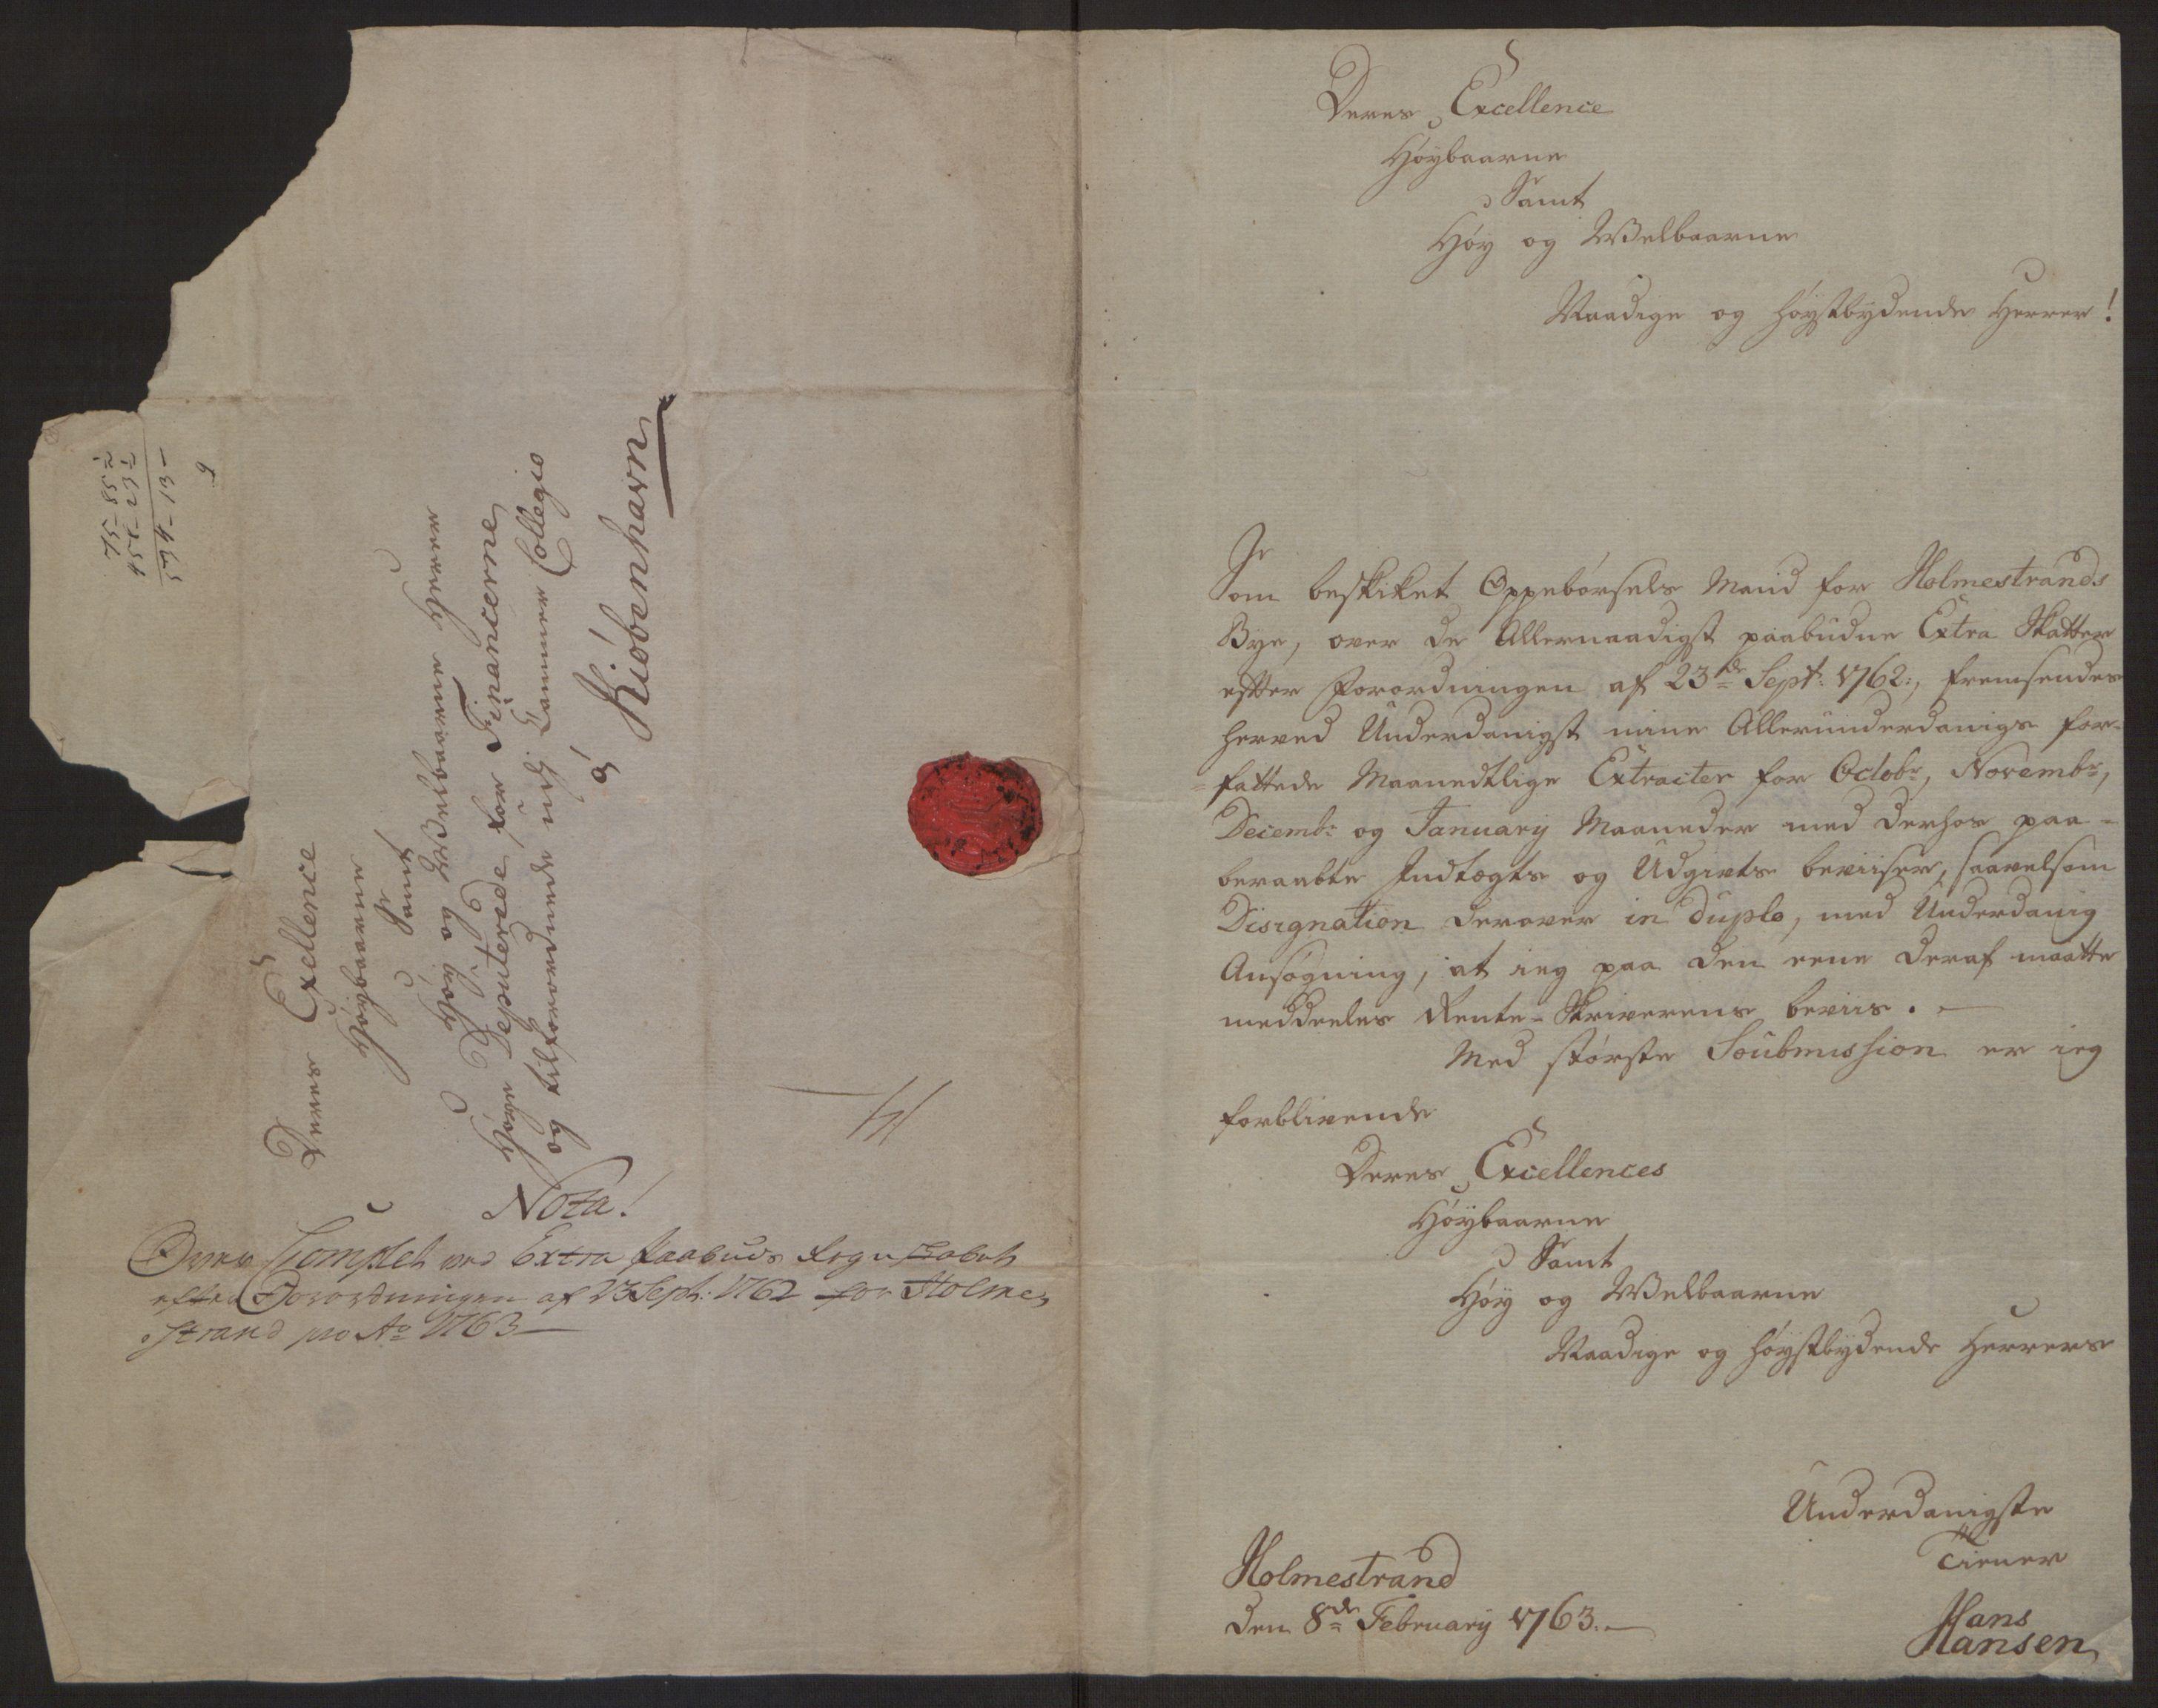 RA, Rentekammeret inntil 1814, Reviderte regnskaper, Byregnskaper, R/Rh/L0163: [H4] Kontribusjonsregnskap, 1762-1772, s. 88